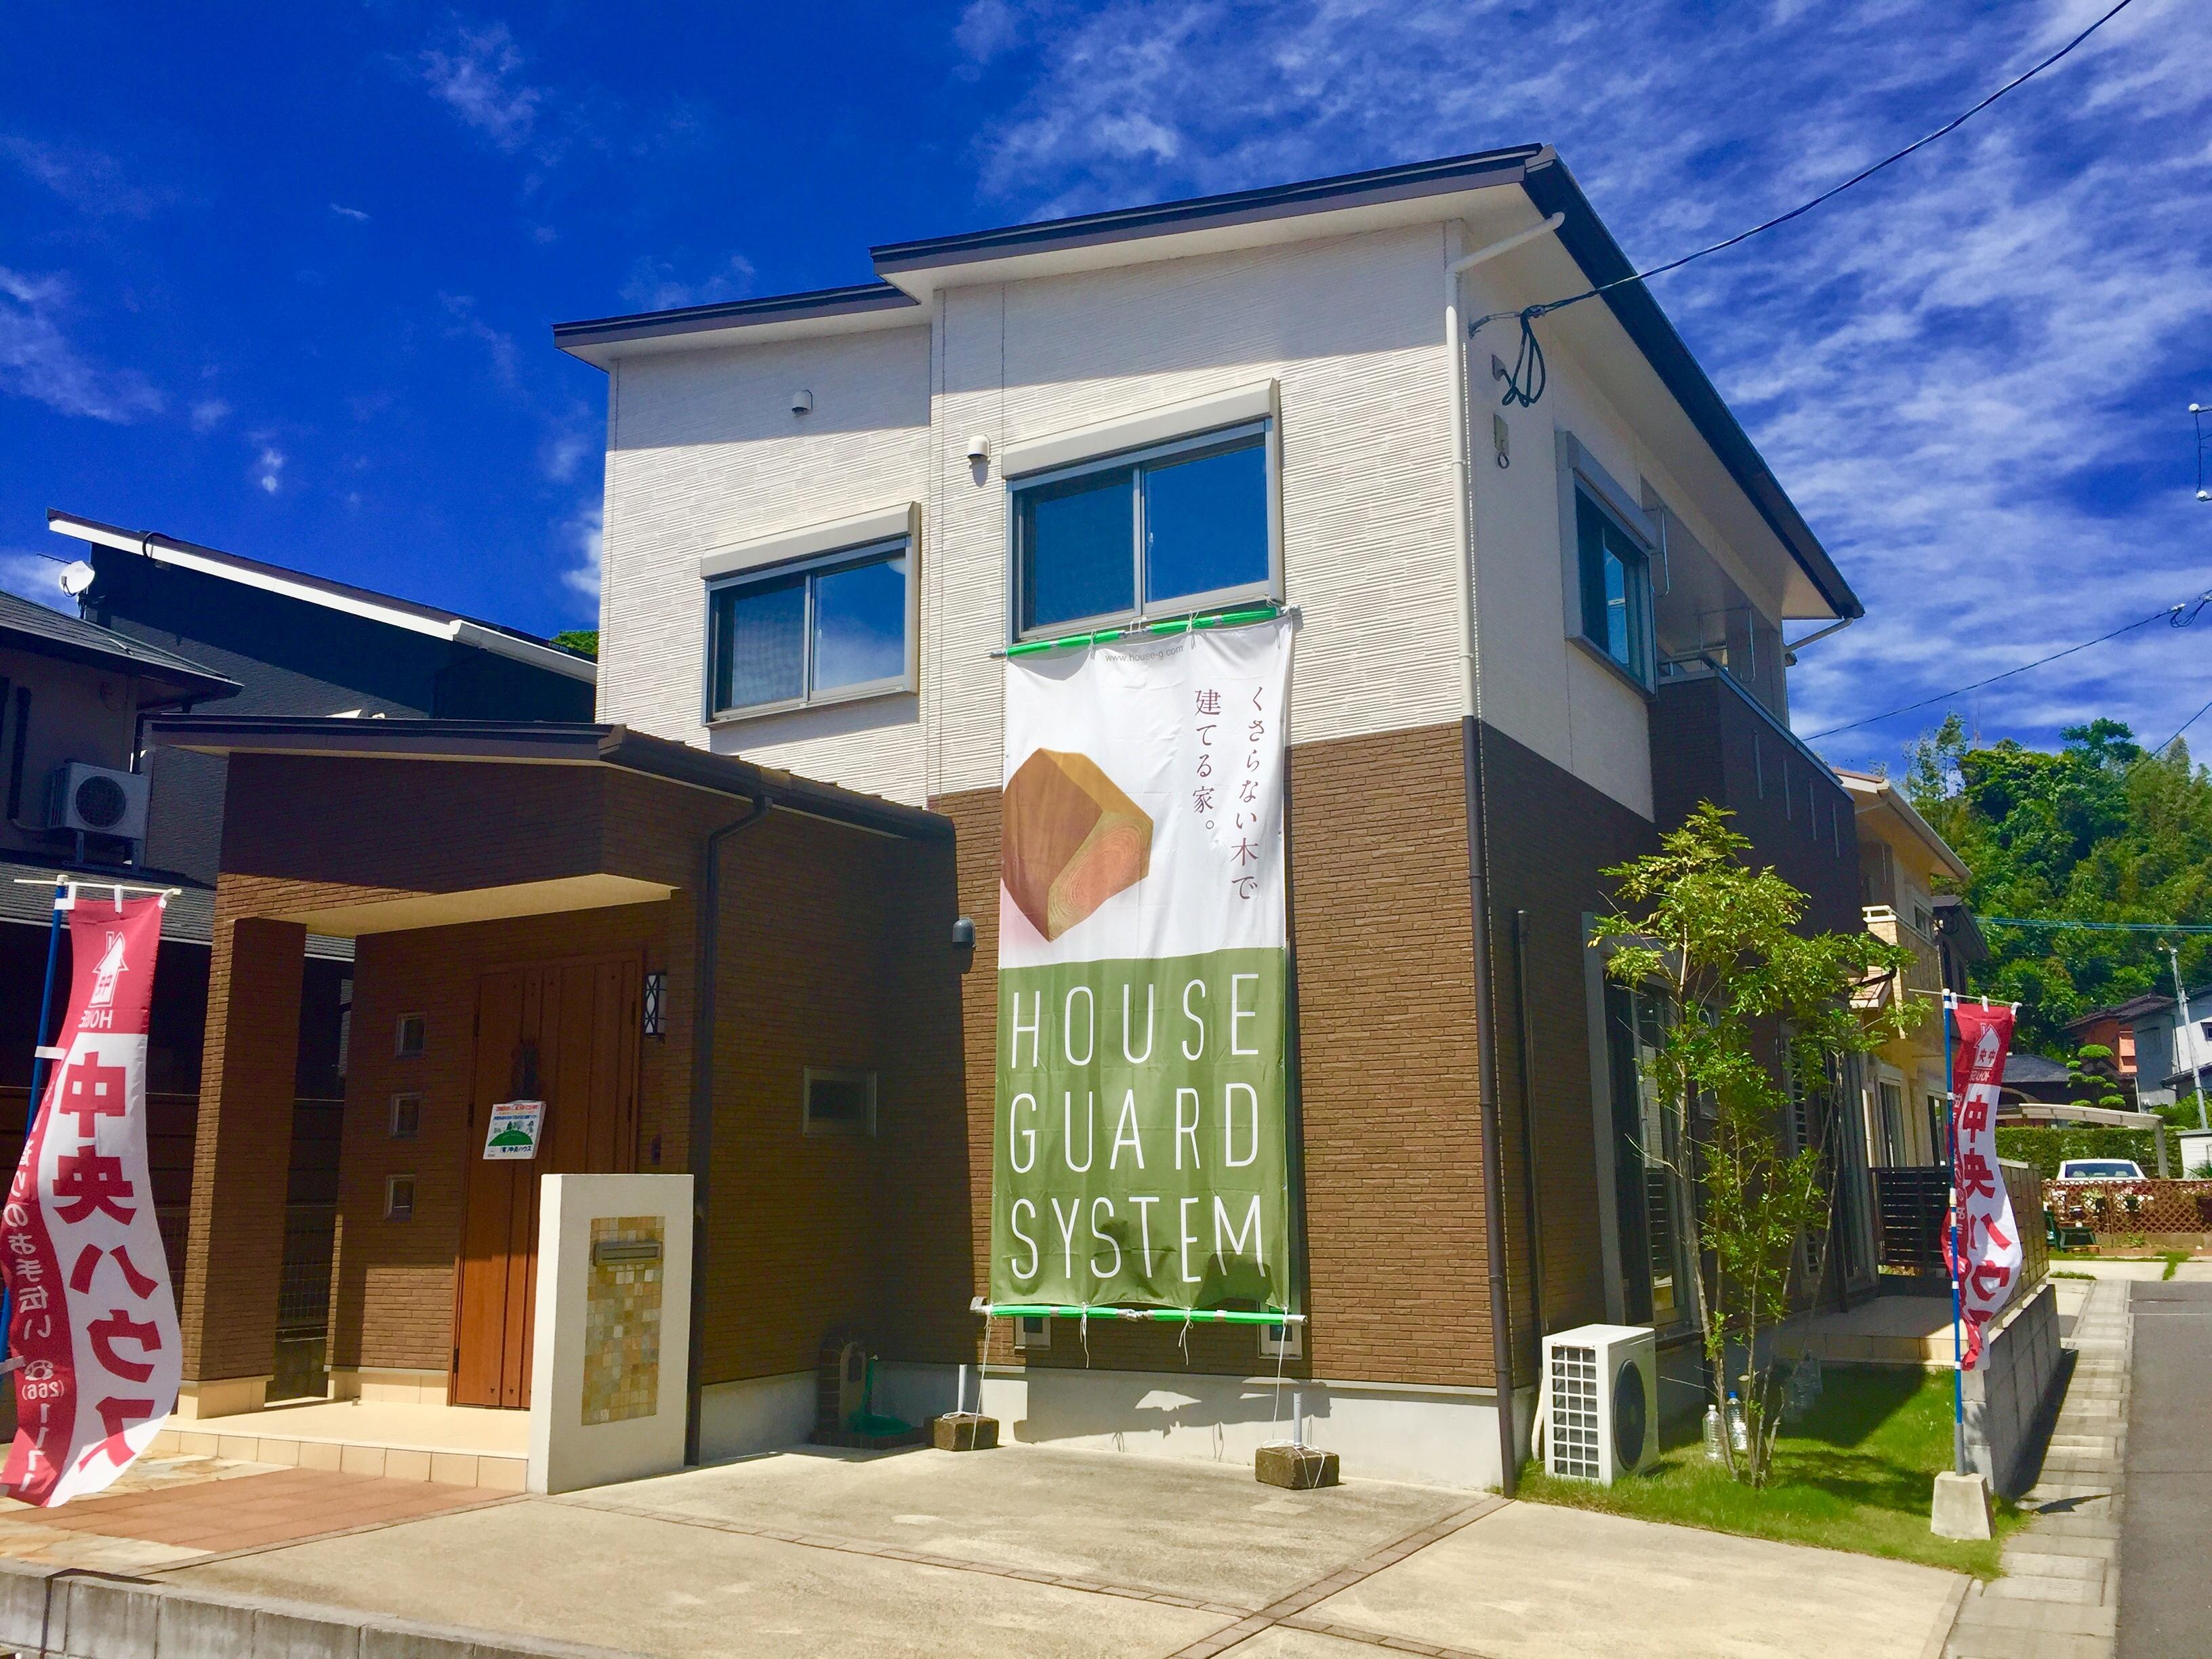 6月22日(土)23日(日) モデルハウス見学会&住宅相談会開催IN清和モデルハウス